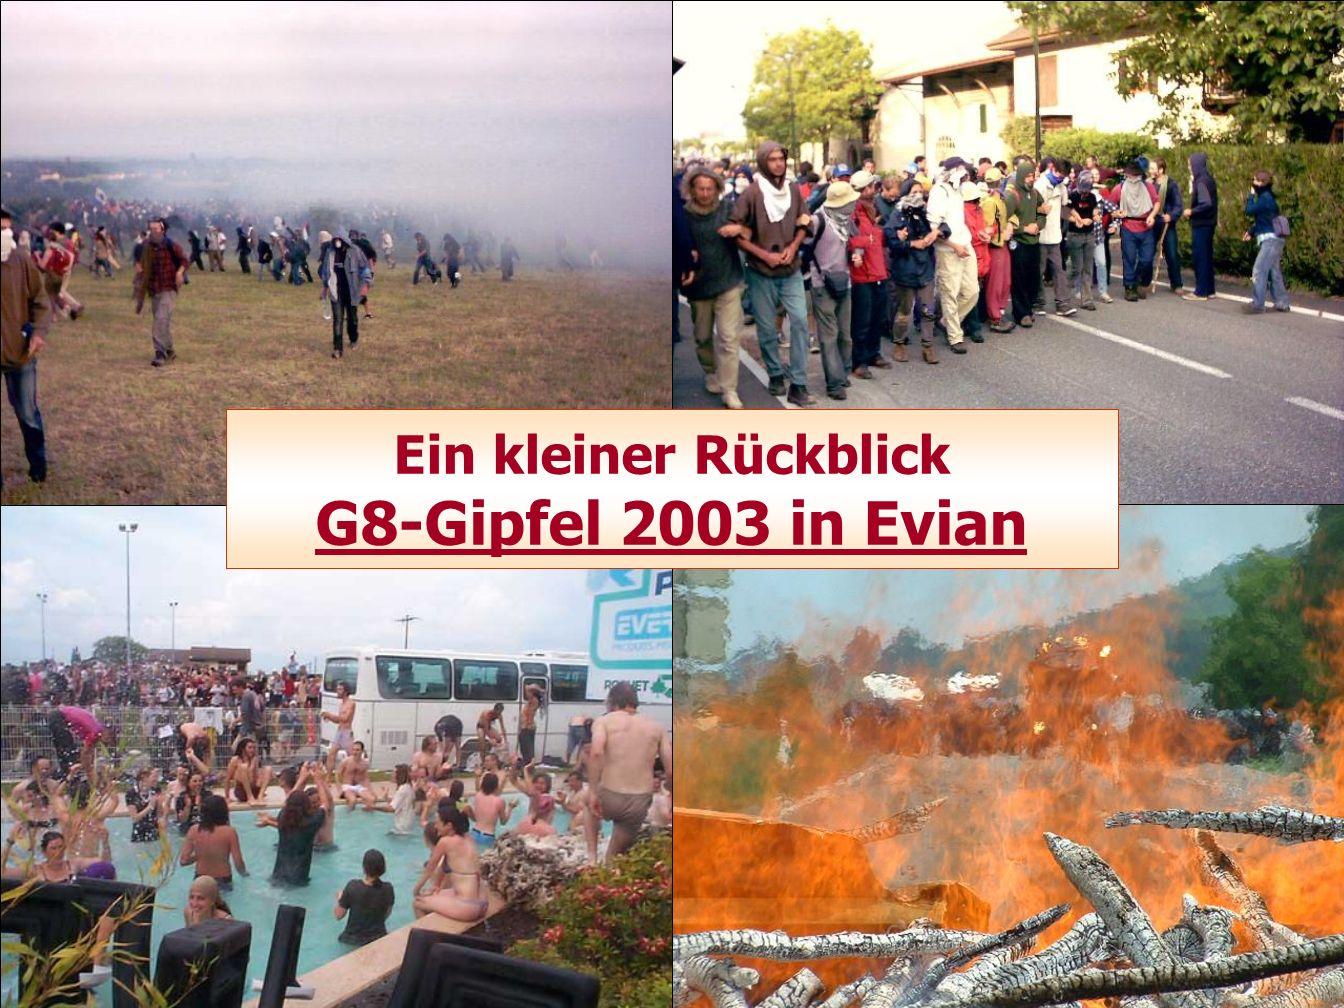 Ein kleiner Rückblick G8-Gipfel 2003 in Evian